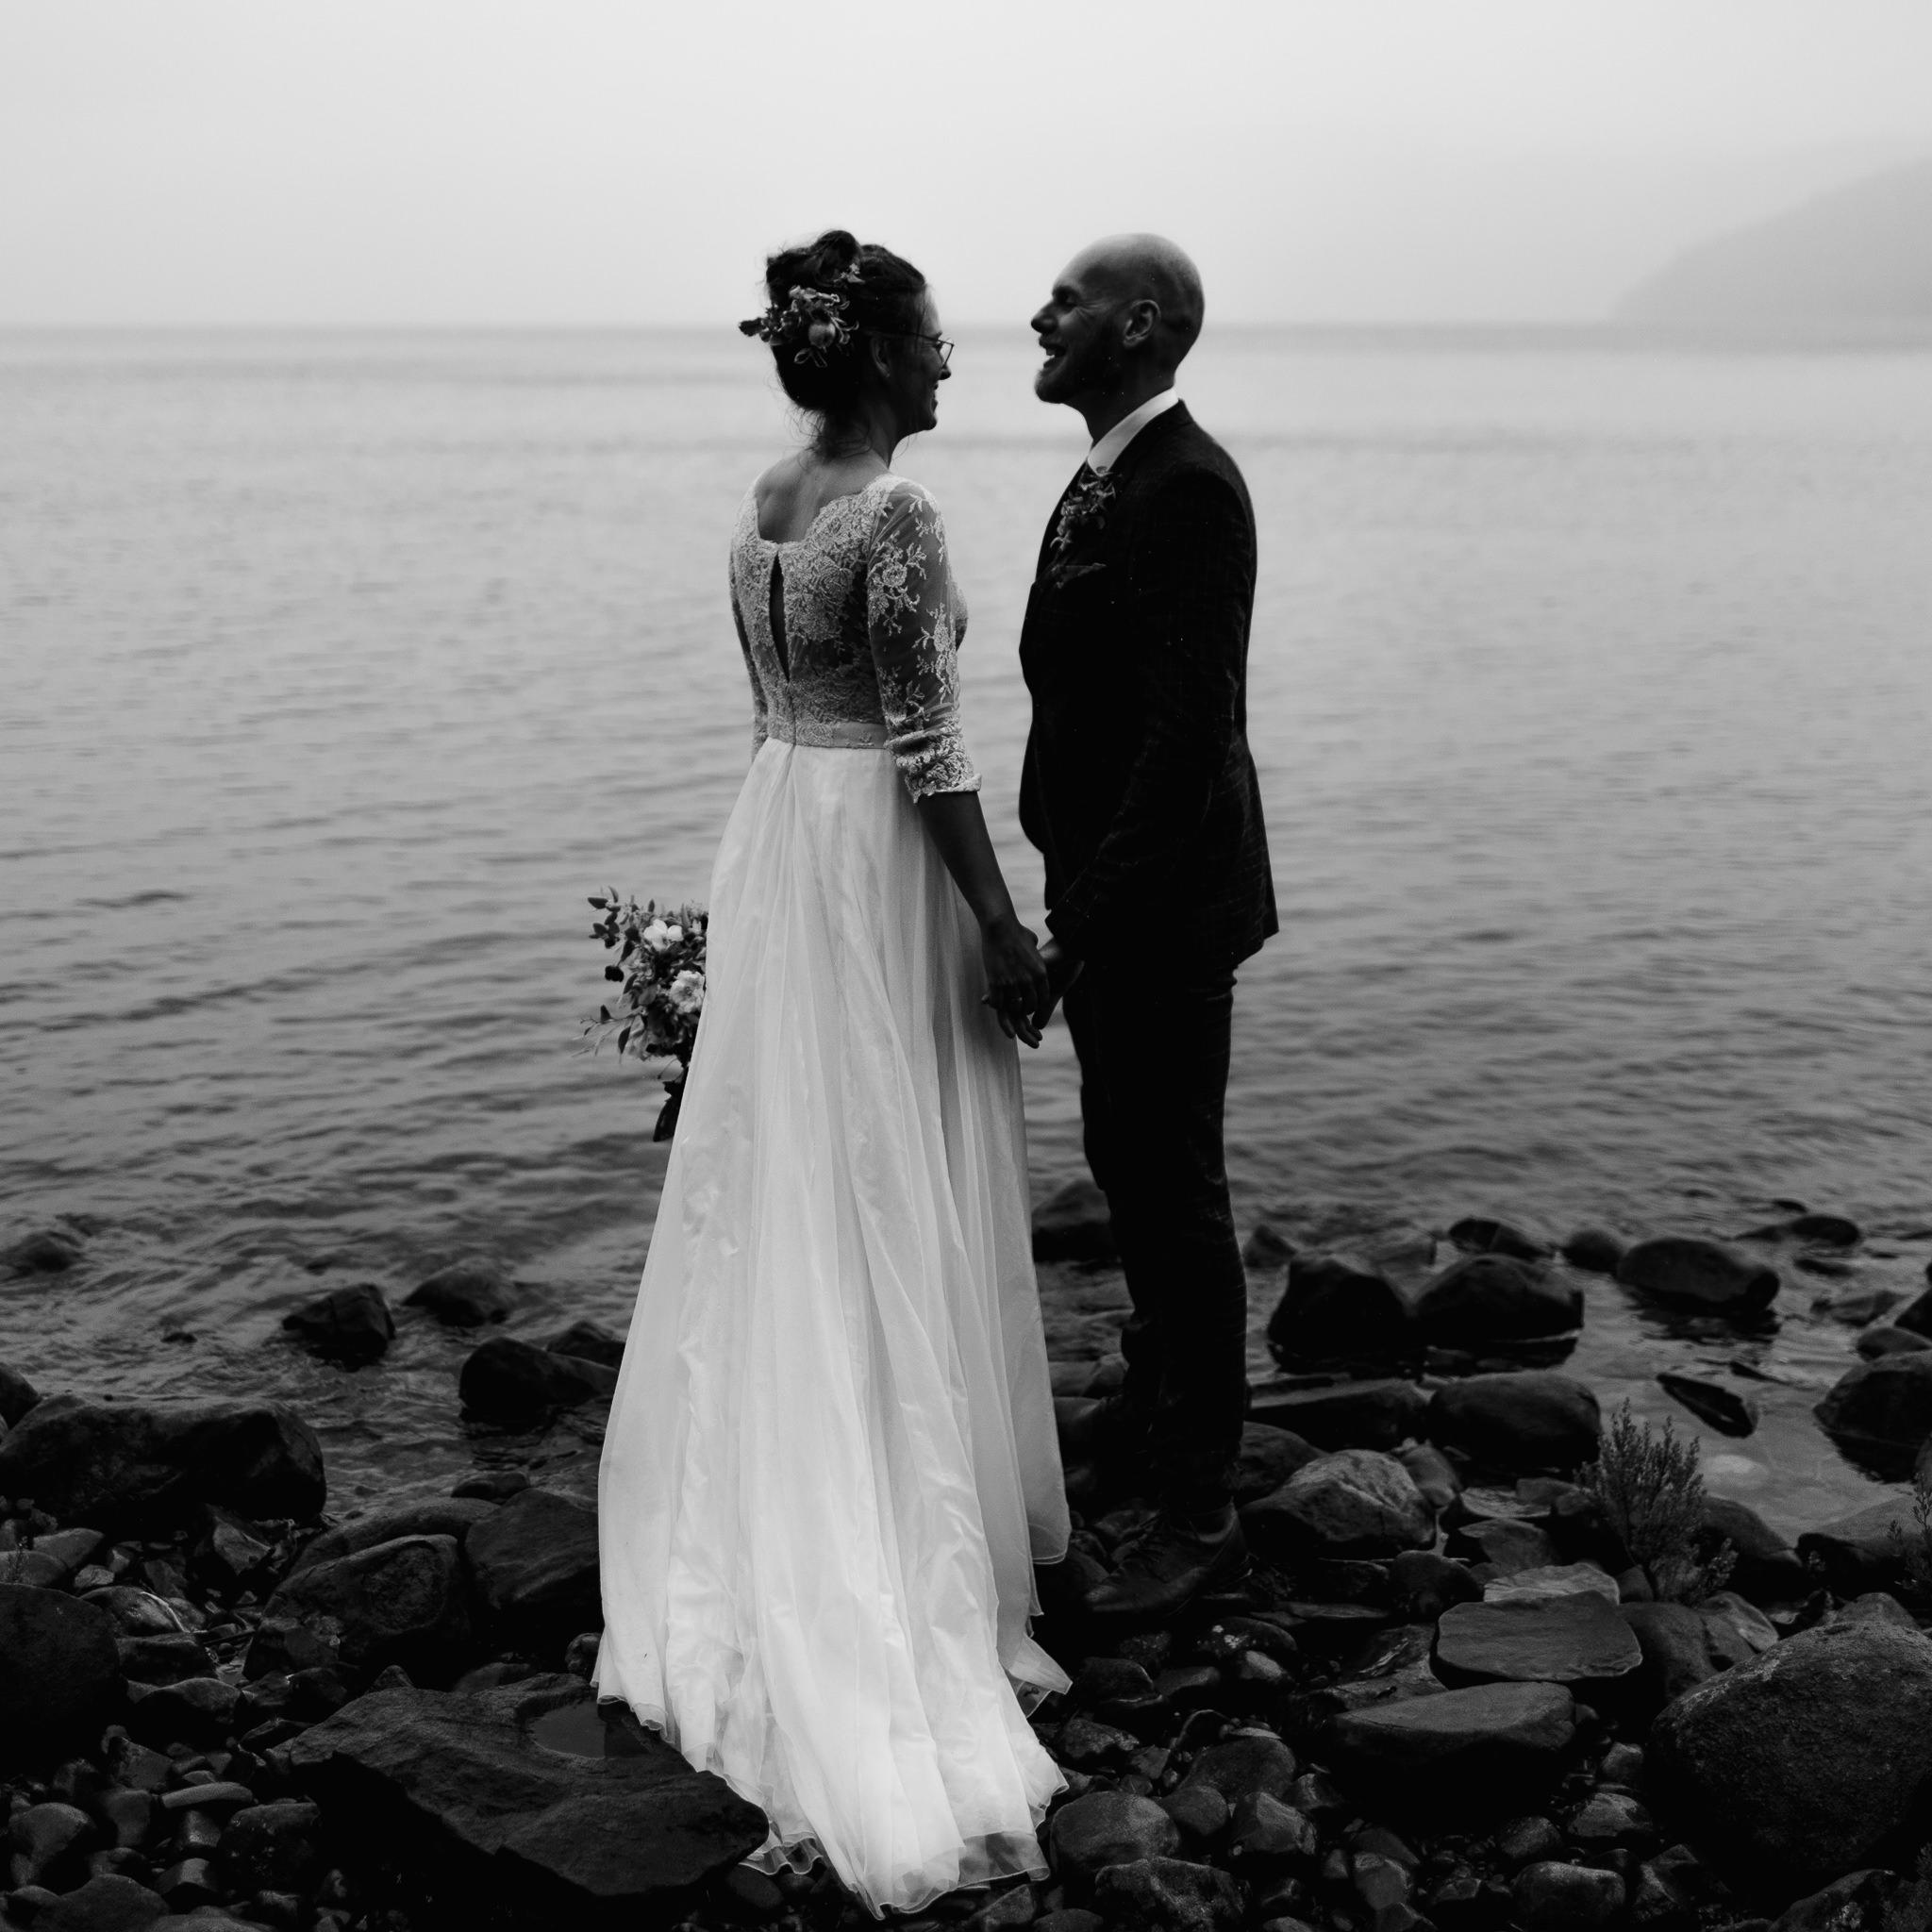 Pumphouse_Point_wedding_photography_elopement628.JPG